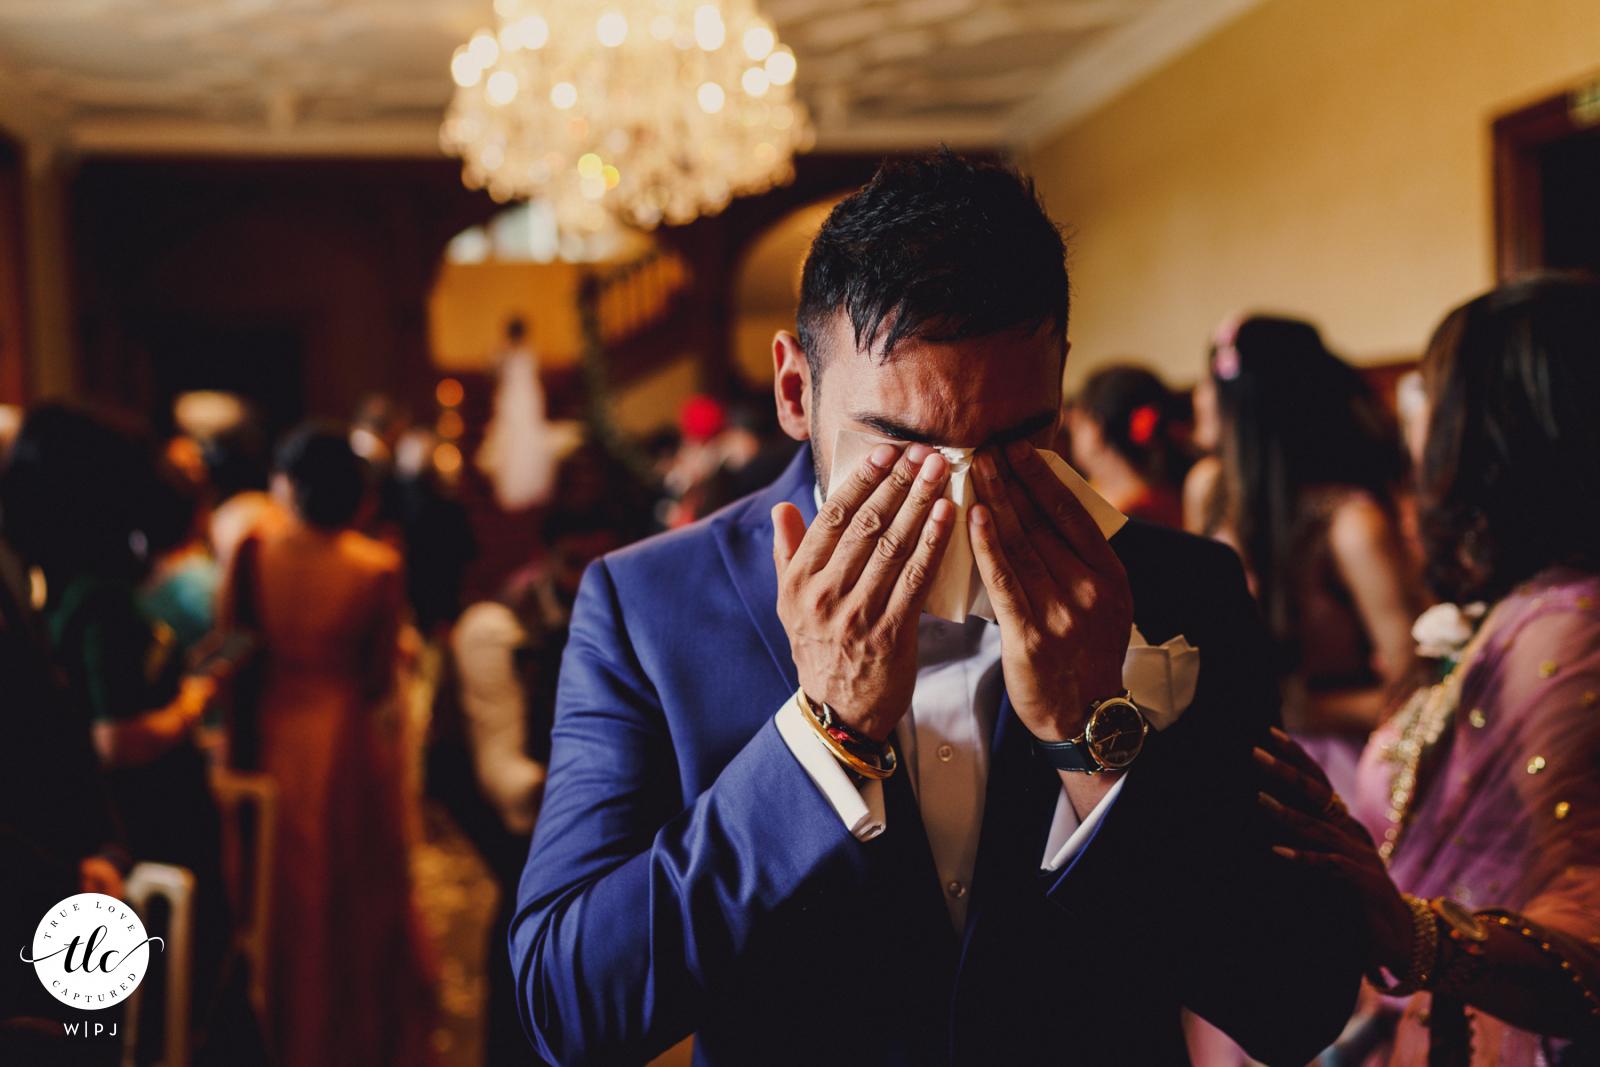 Froyle Park, imagen de la boda de Londres del novio soltándola en la ceremonia